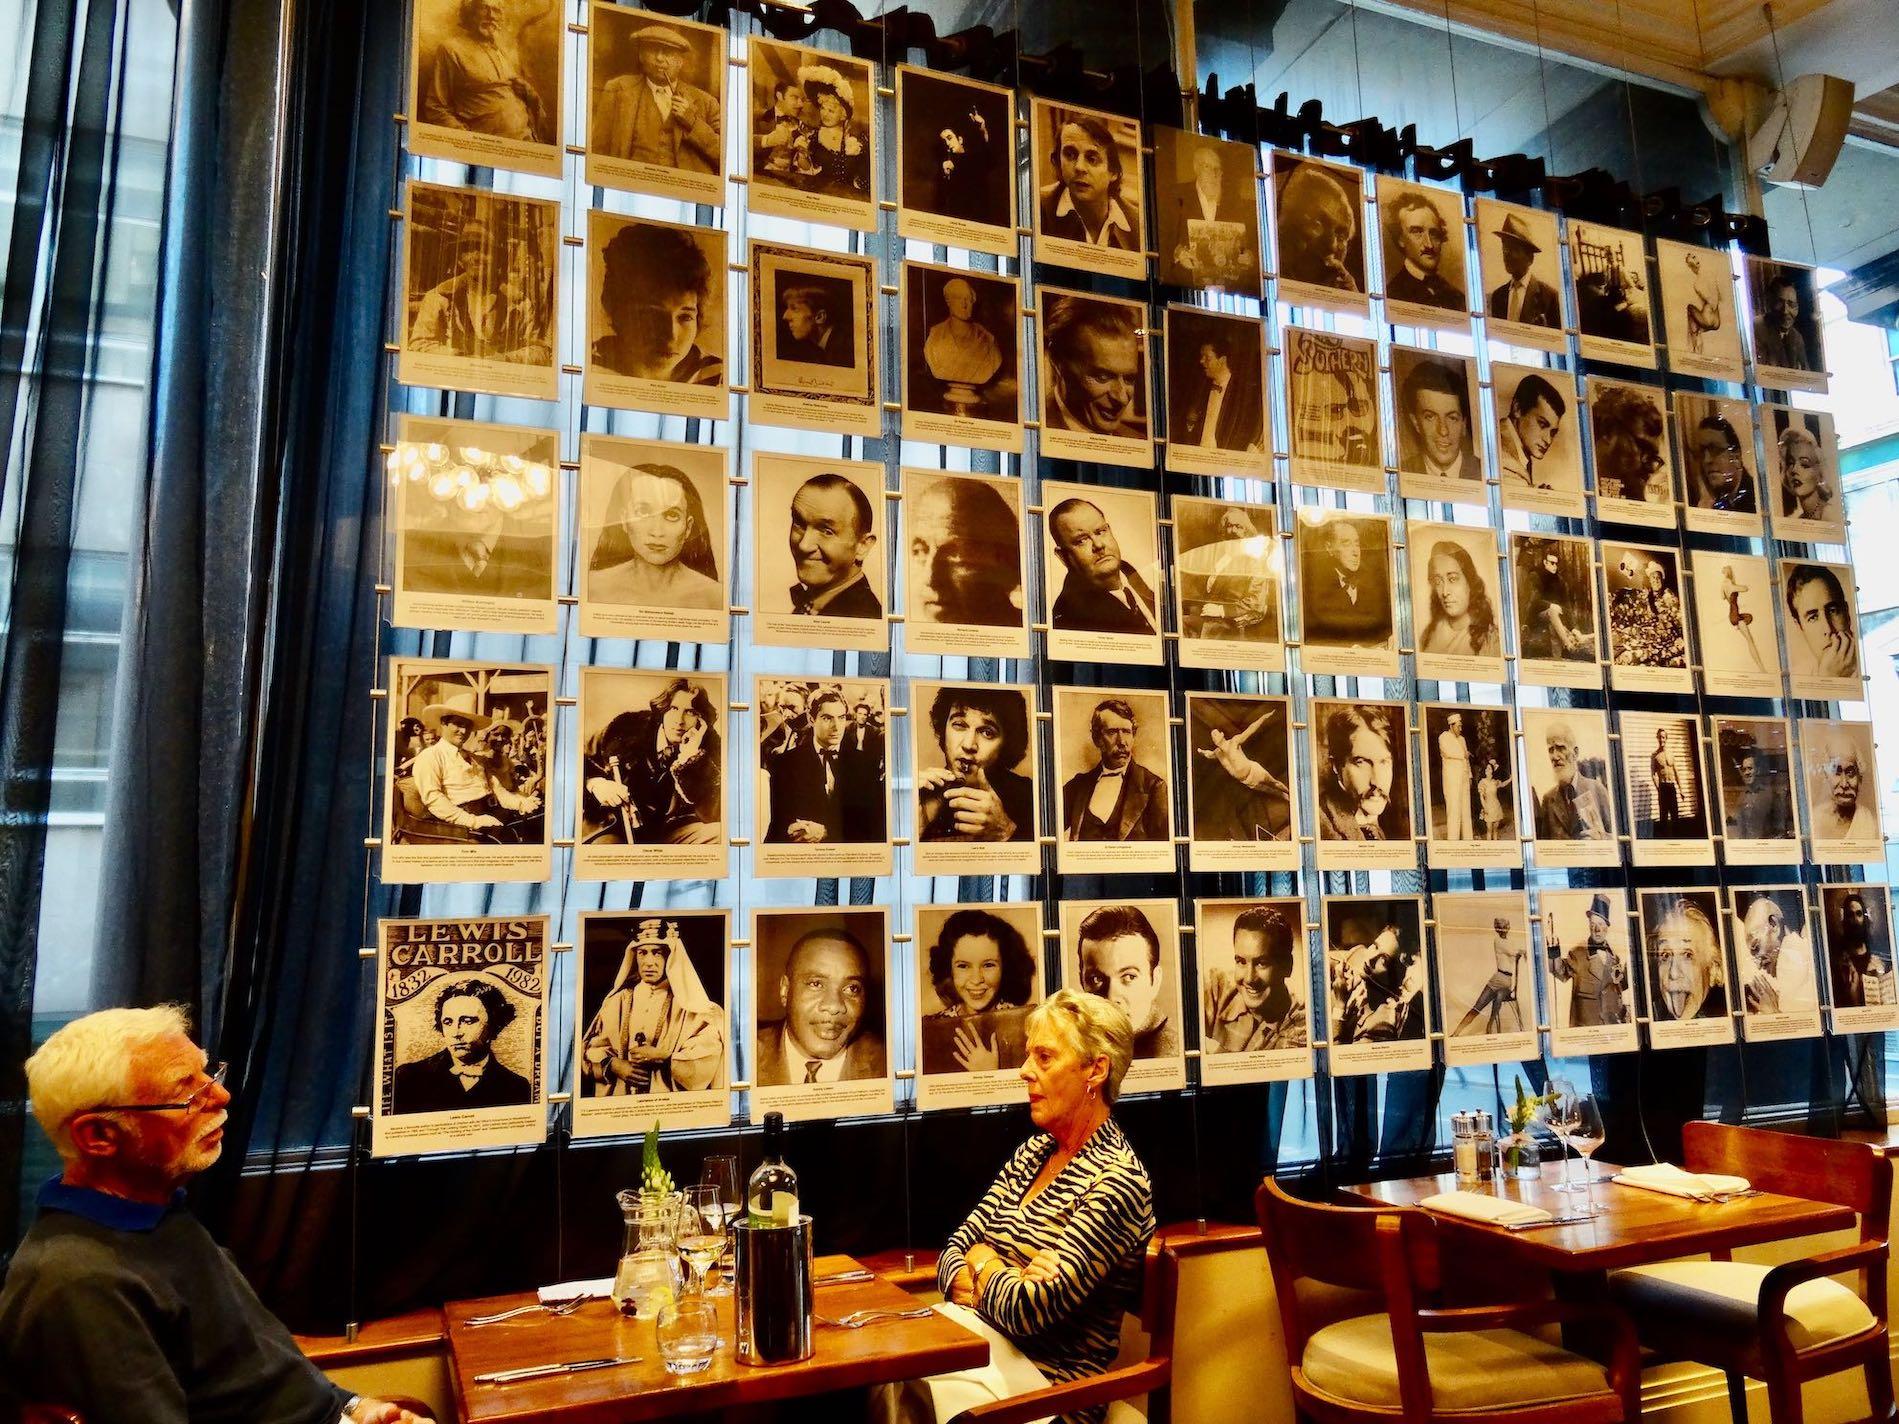 Inside Blake's Restaurant Liverpool.